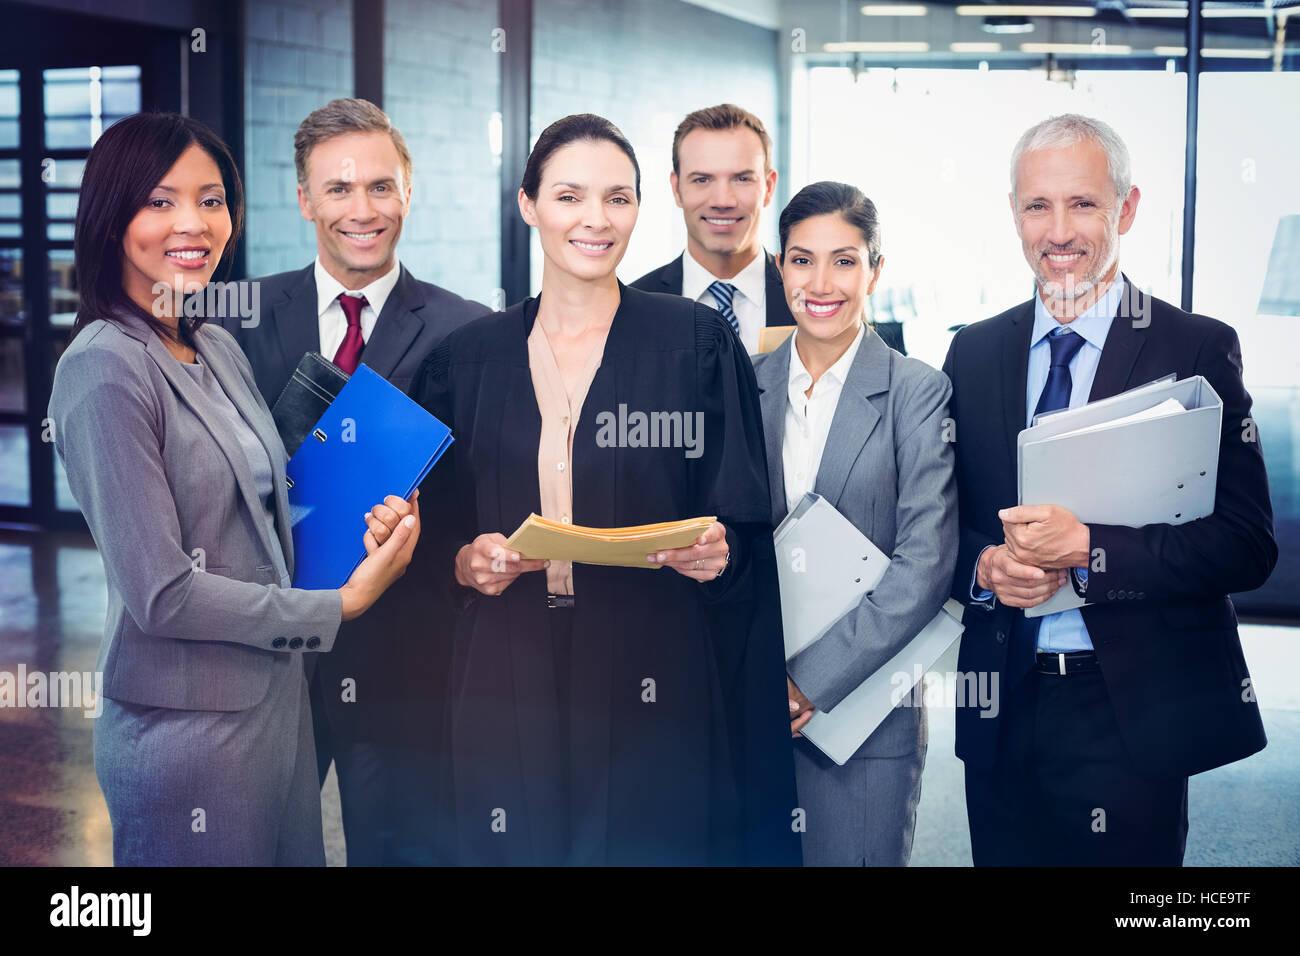 Portrait d'avocat se tenant ensemble avec des gens d'affaires Banque D'Images